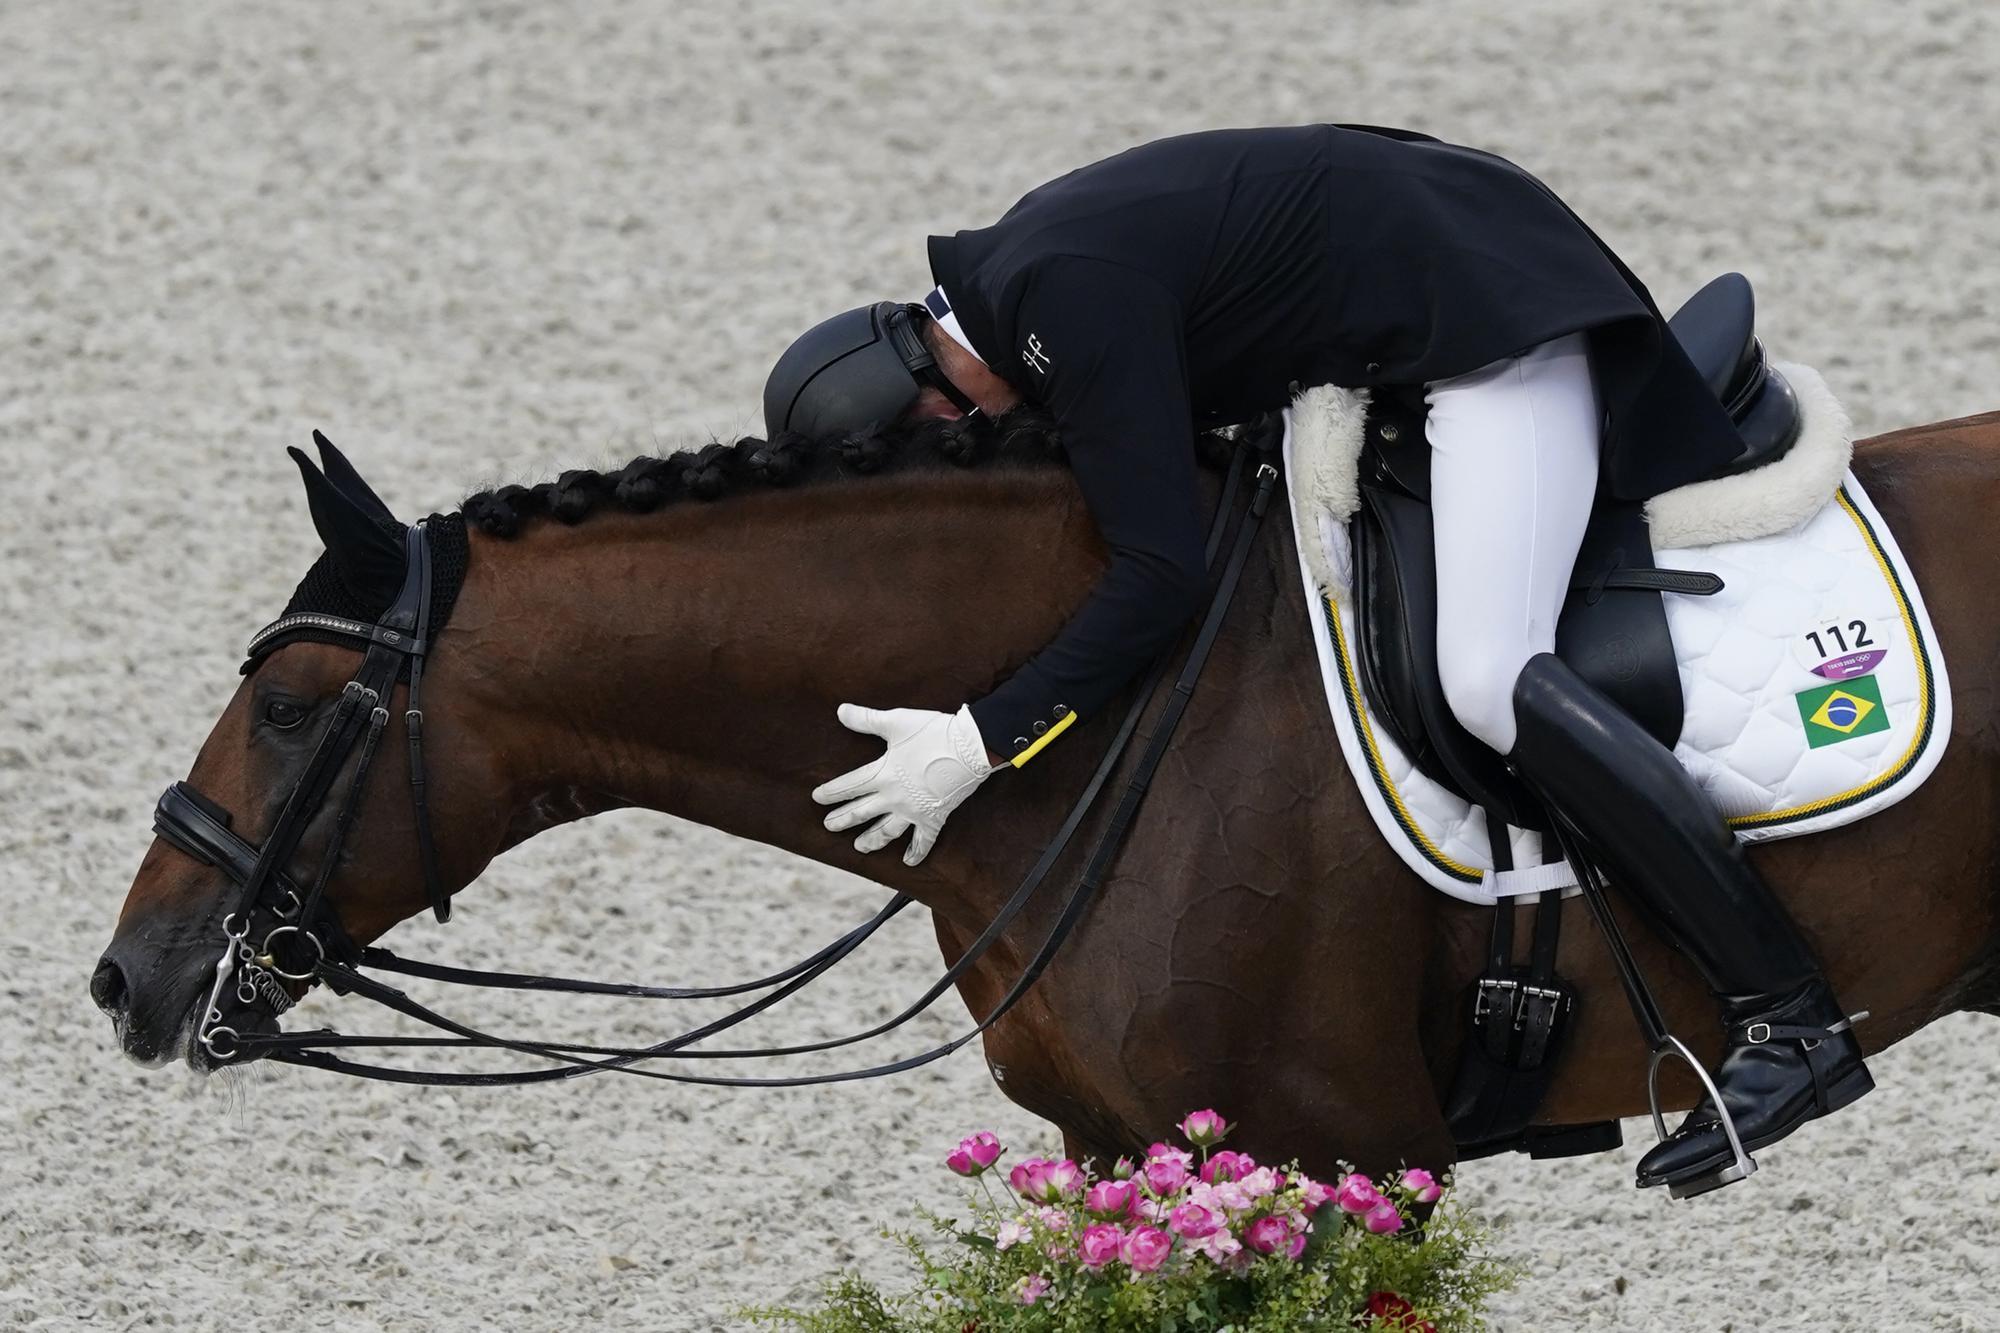 """Những hình ảnh """"trào nước mắt"""" của người chiến thắng, kẻ chiến bại tại Olympic Tokyo 2020 - Ảnh 5."""